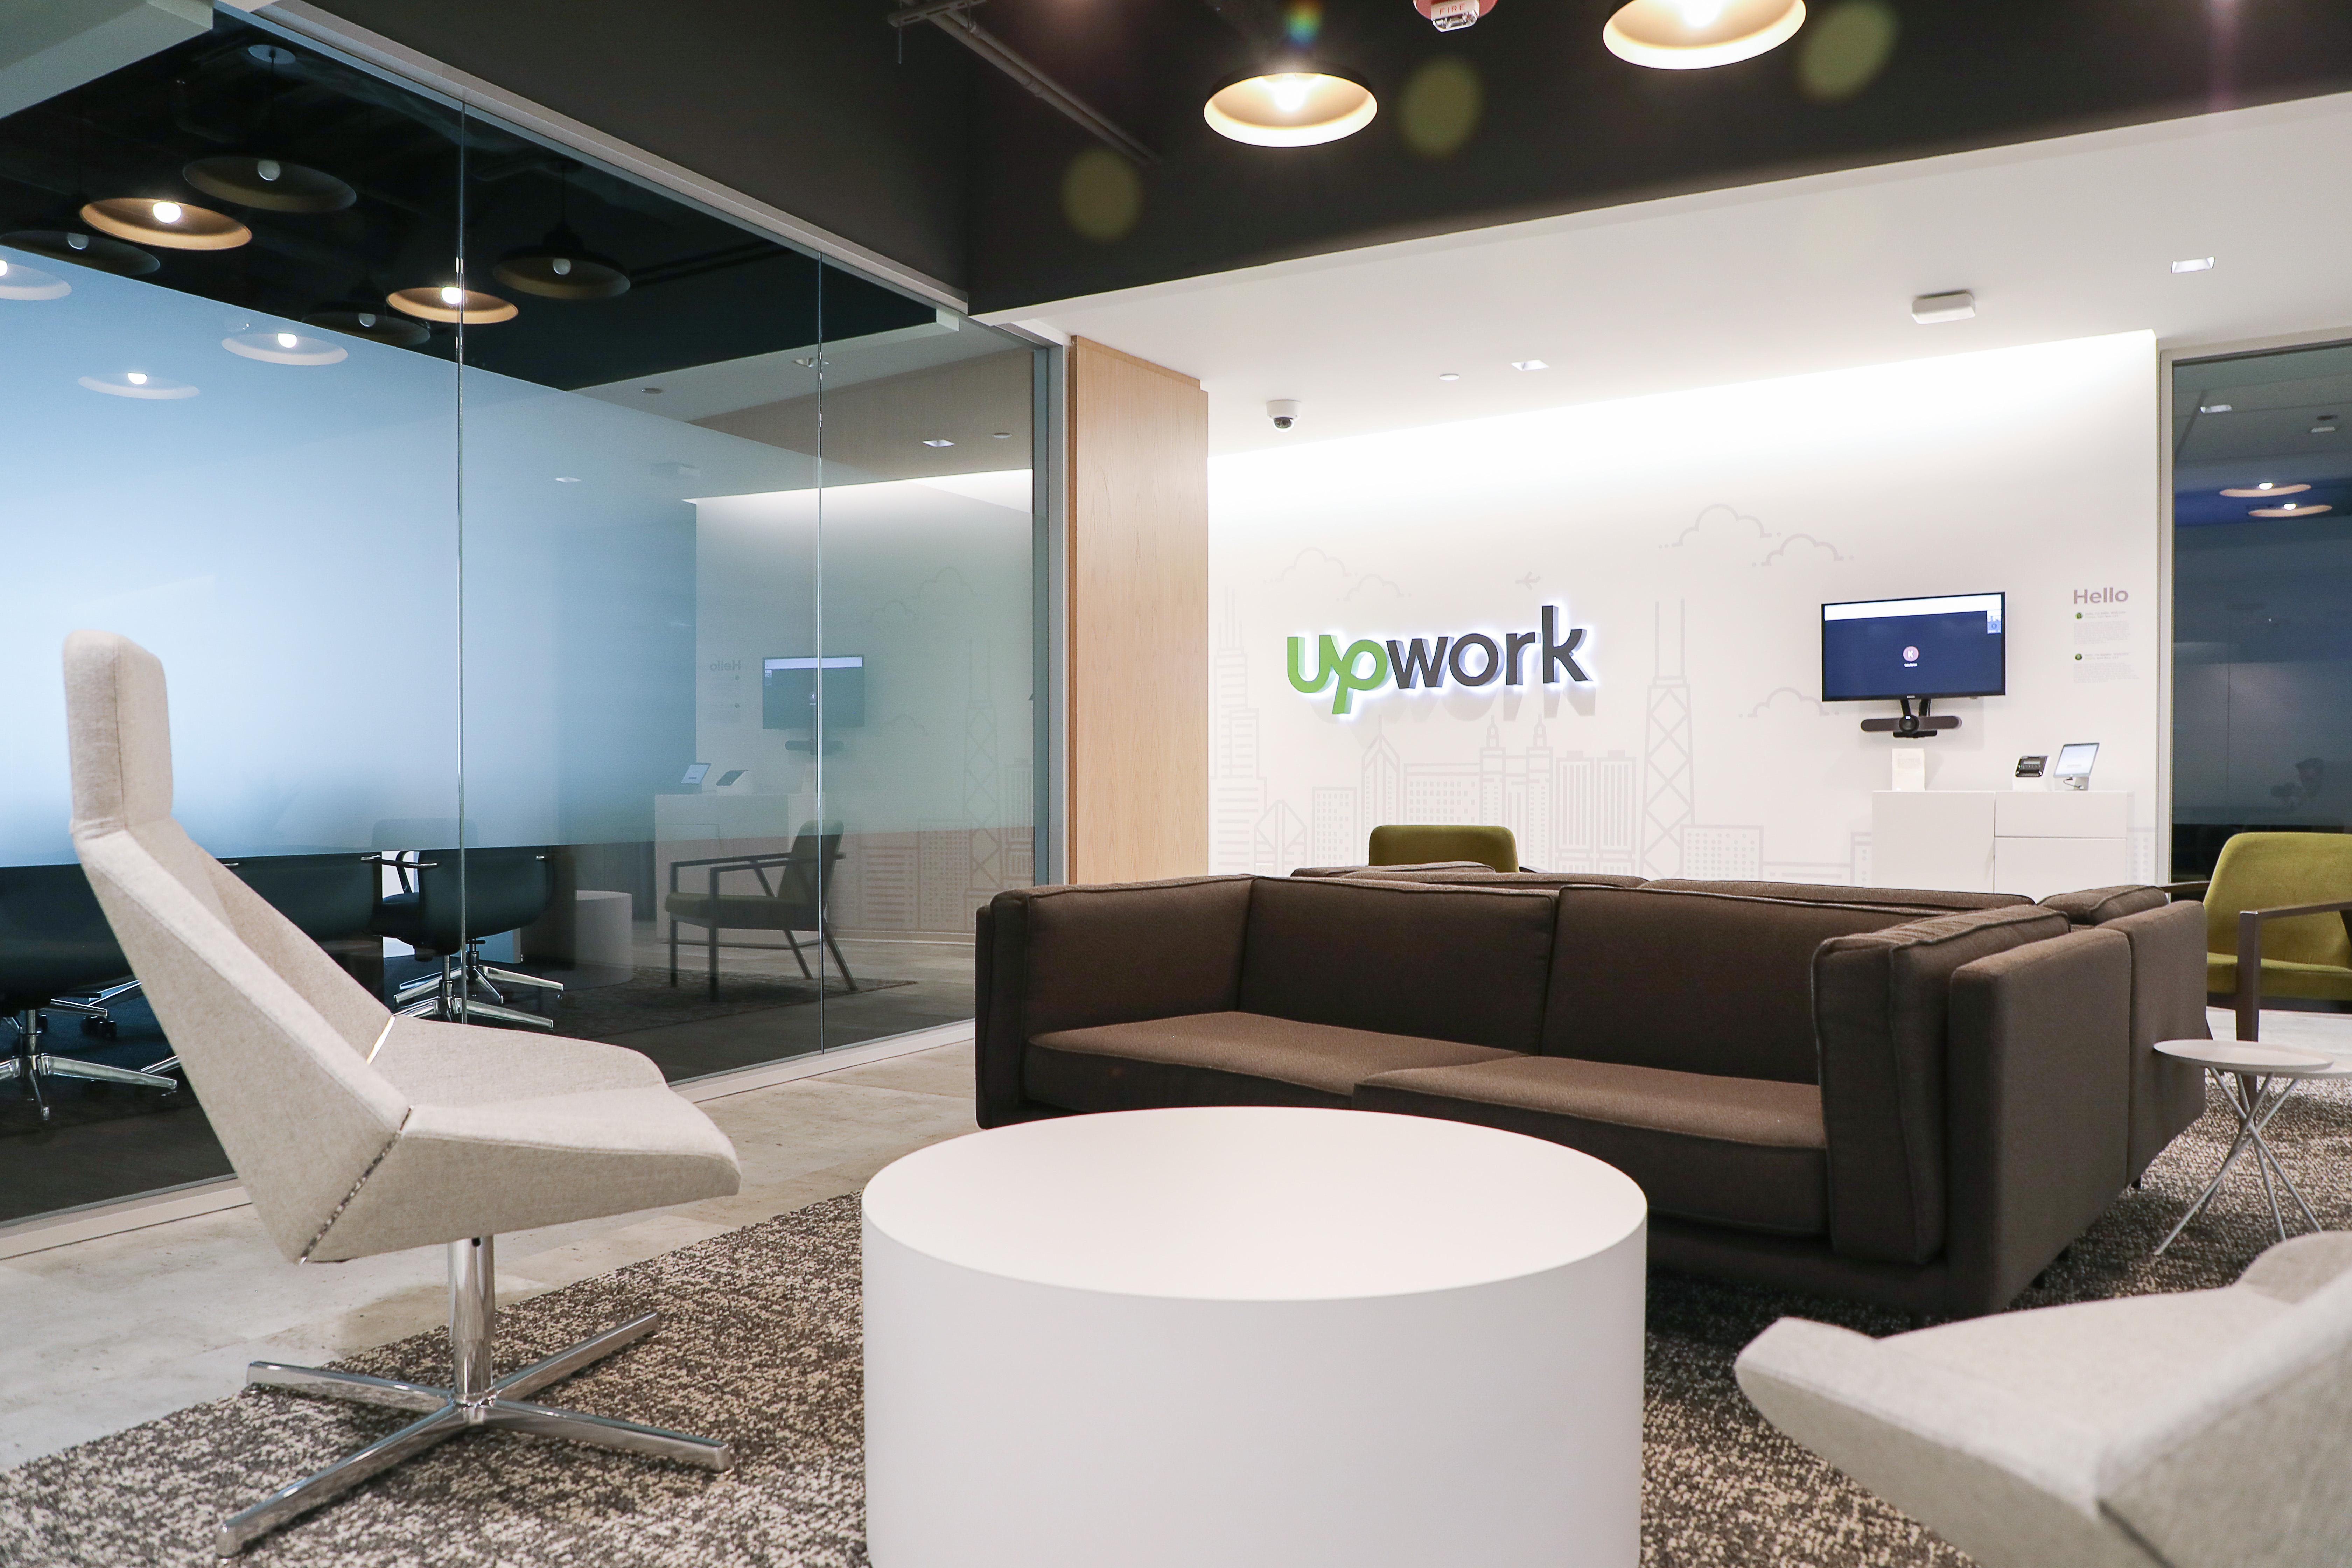 Skender completes interior construction on Upwork's West Loop HQ